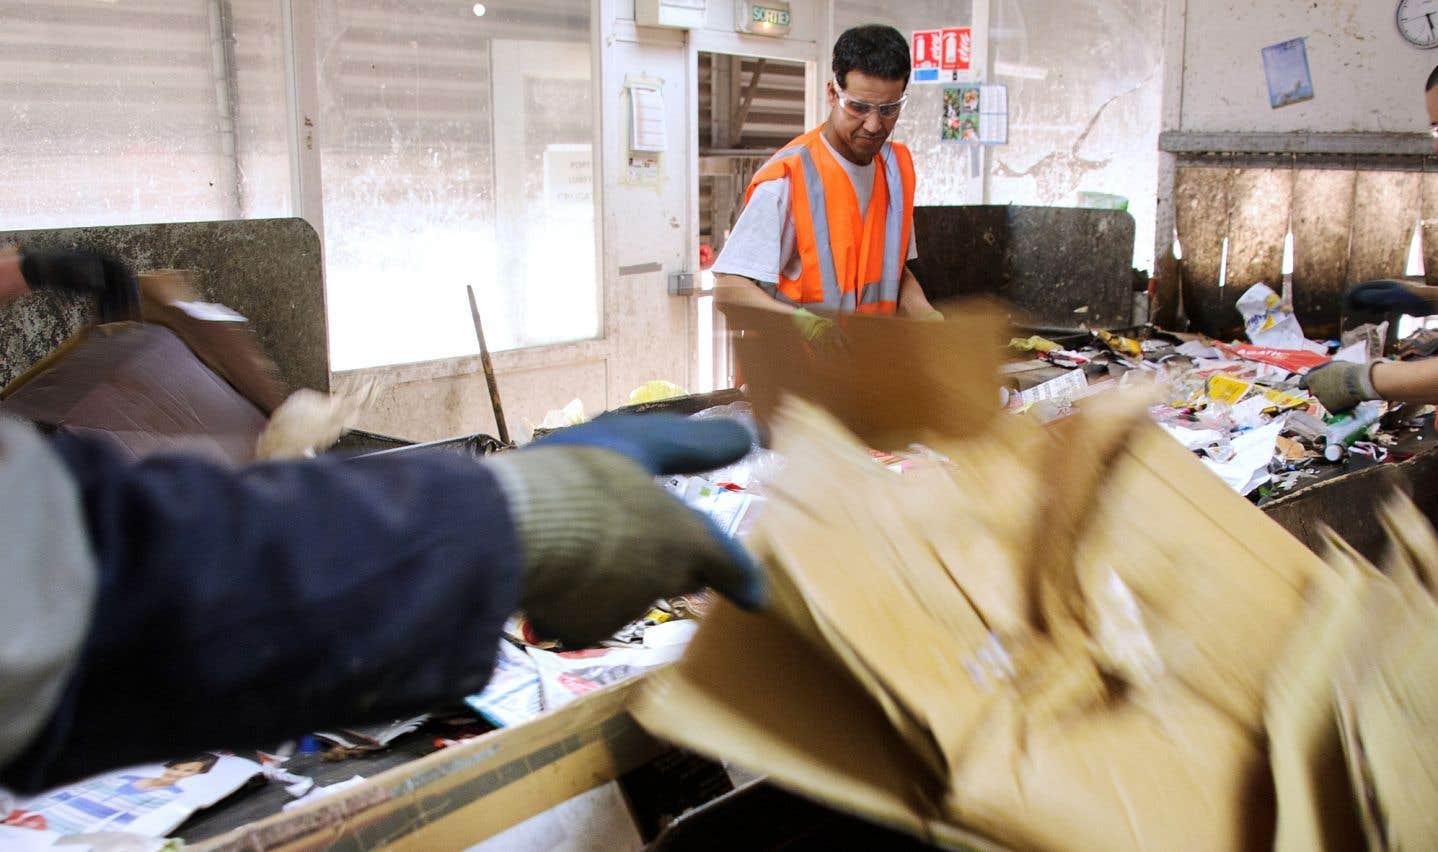 Le recyclage au bord de la crise